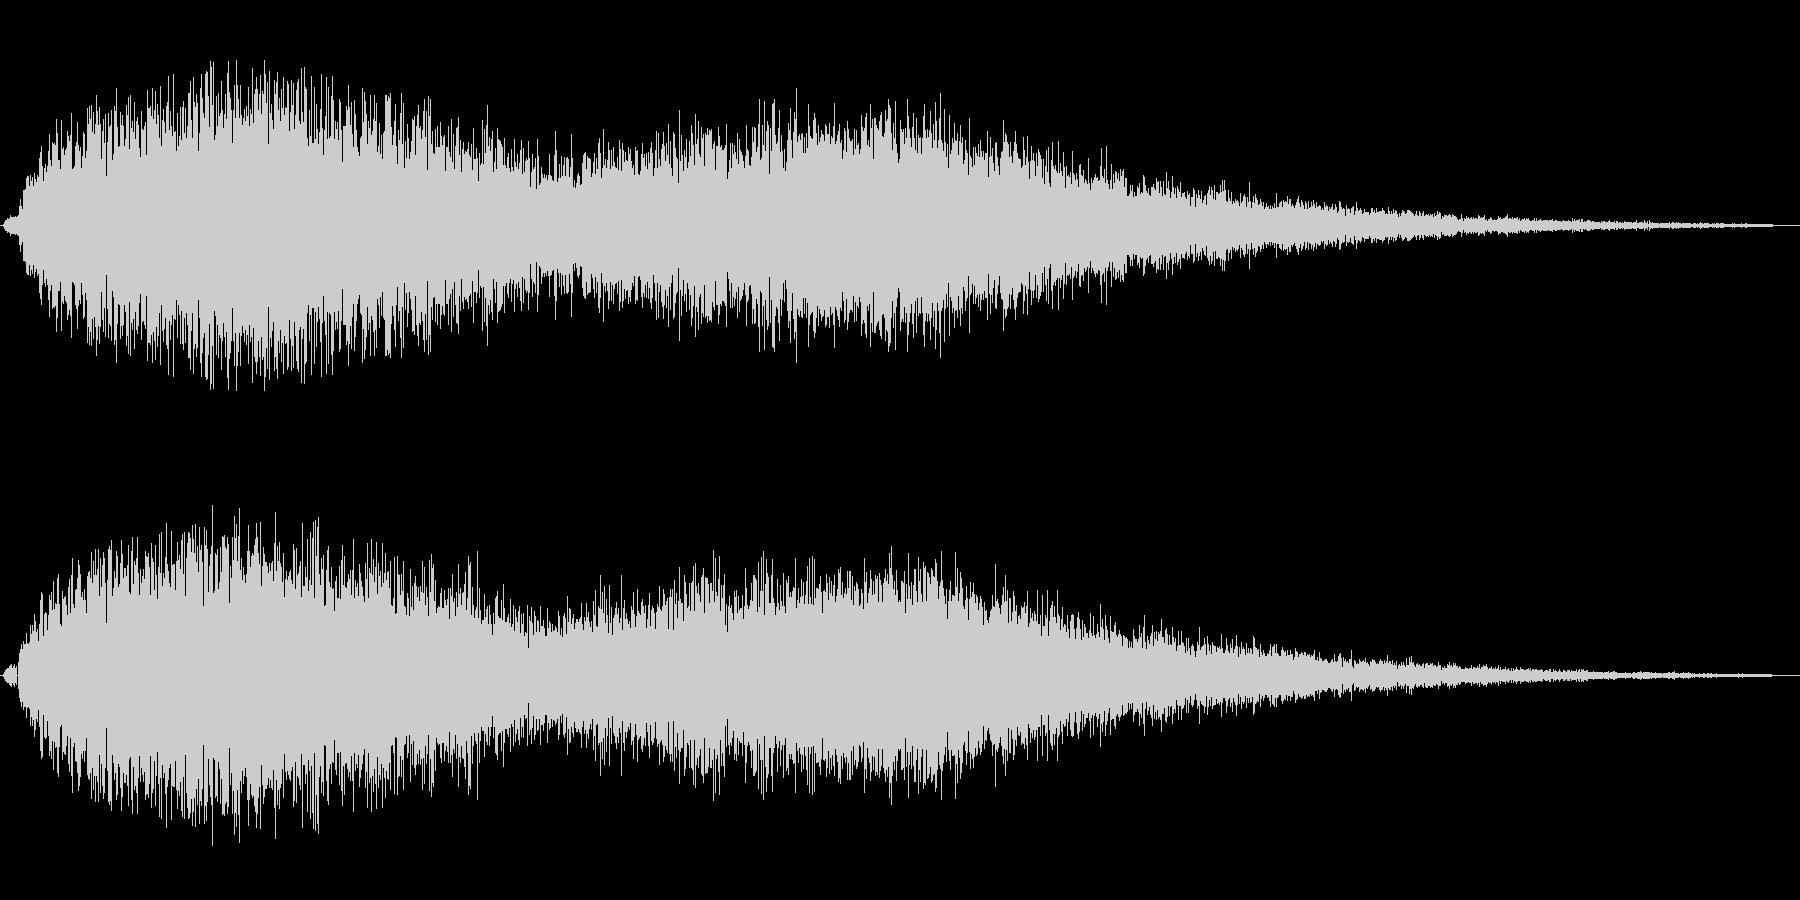 シャララララ〜ン(魔法を掛けるような音)の未再生の波形